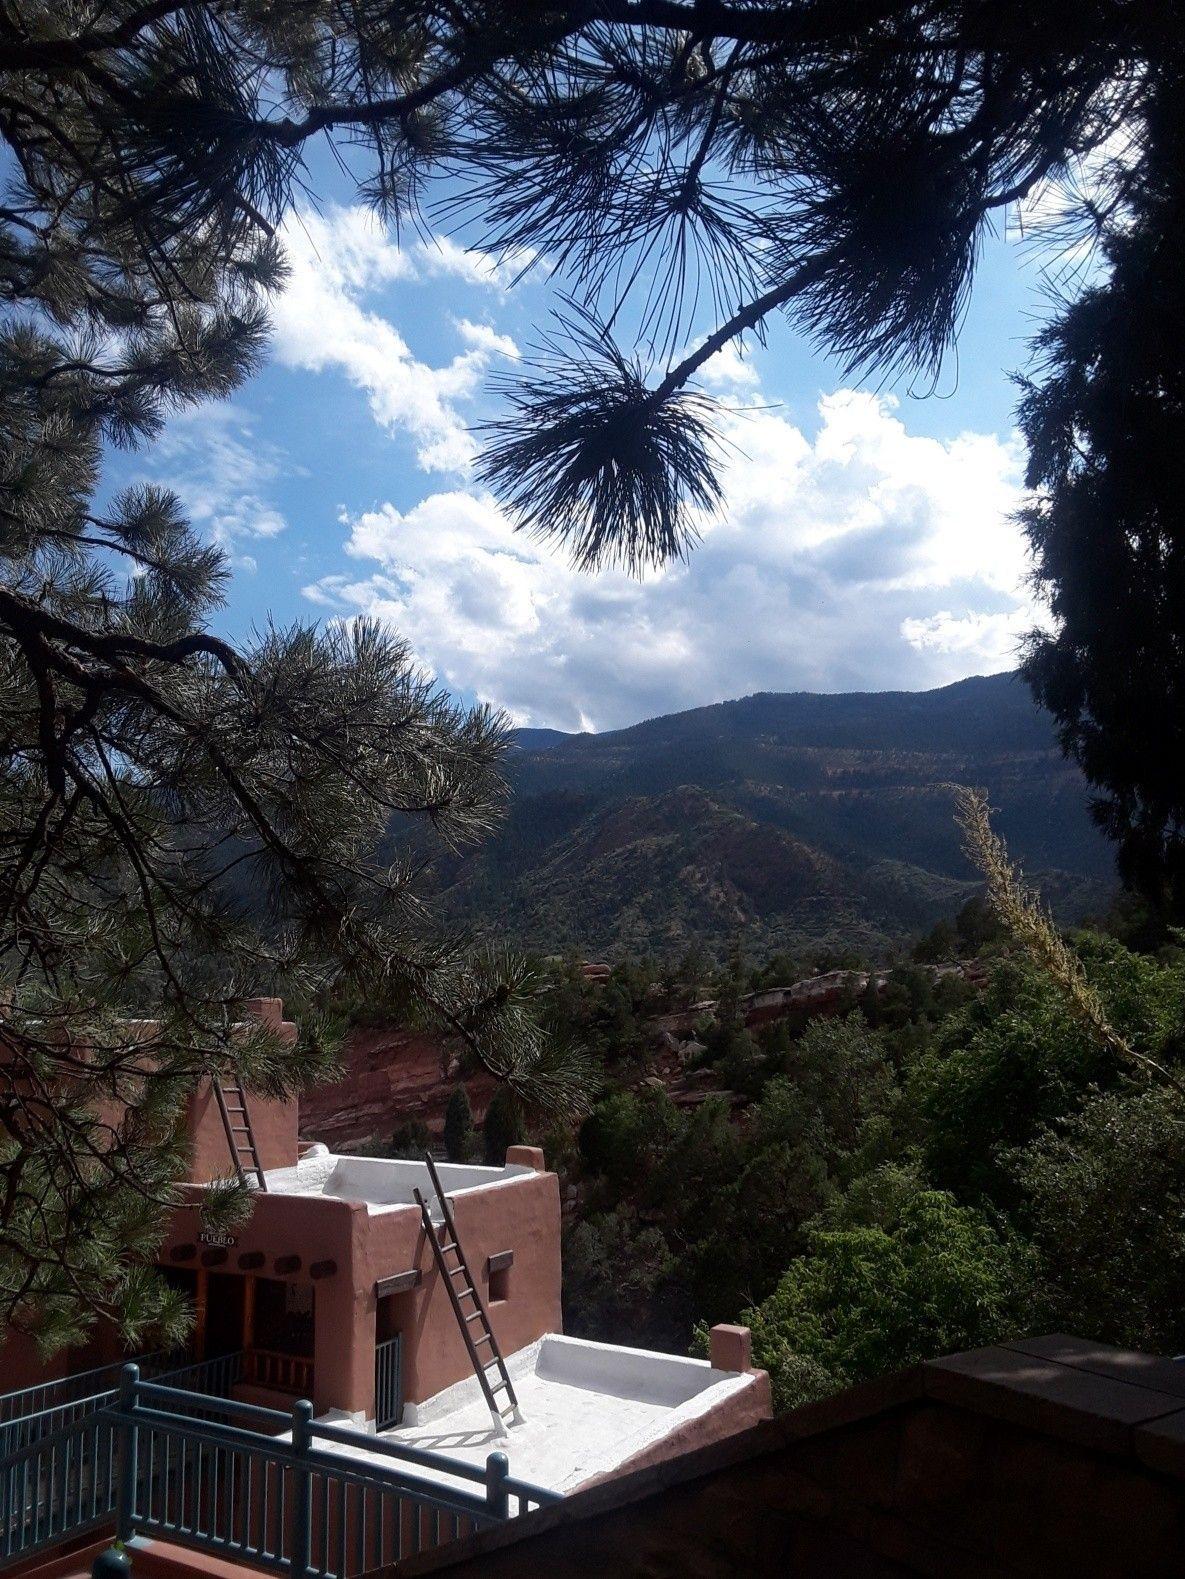 Manitou Springs, Colorado #manitousprings Manitou Springs, Colorado #manitousprings